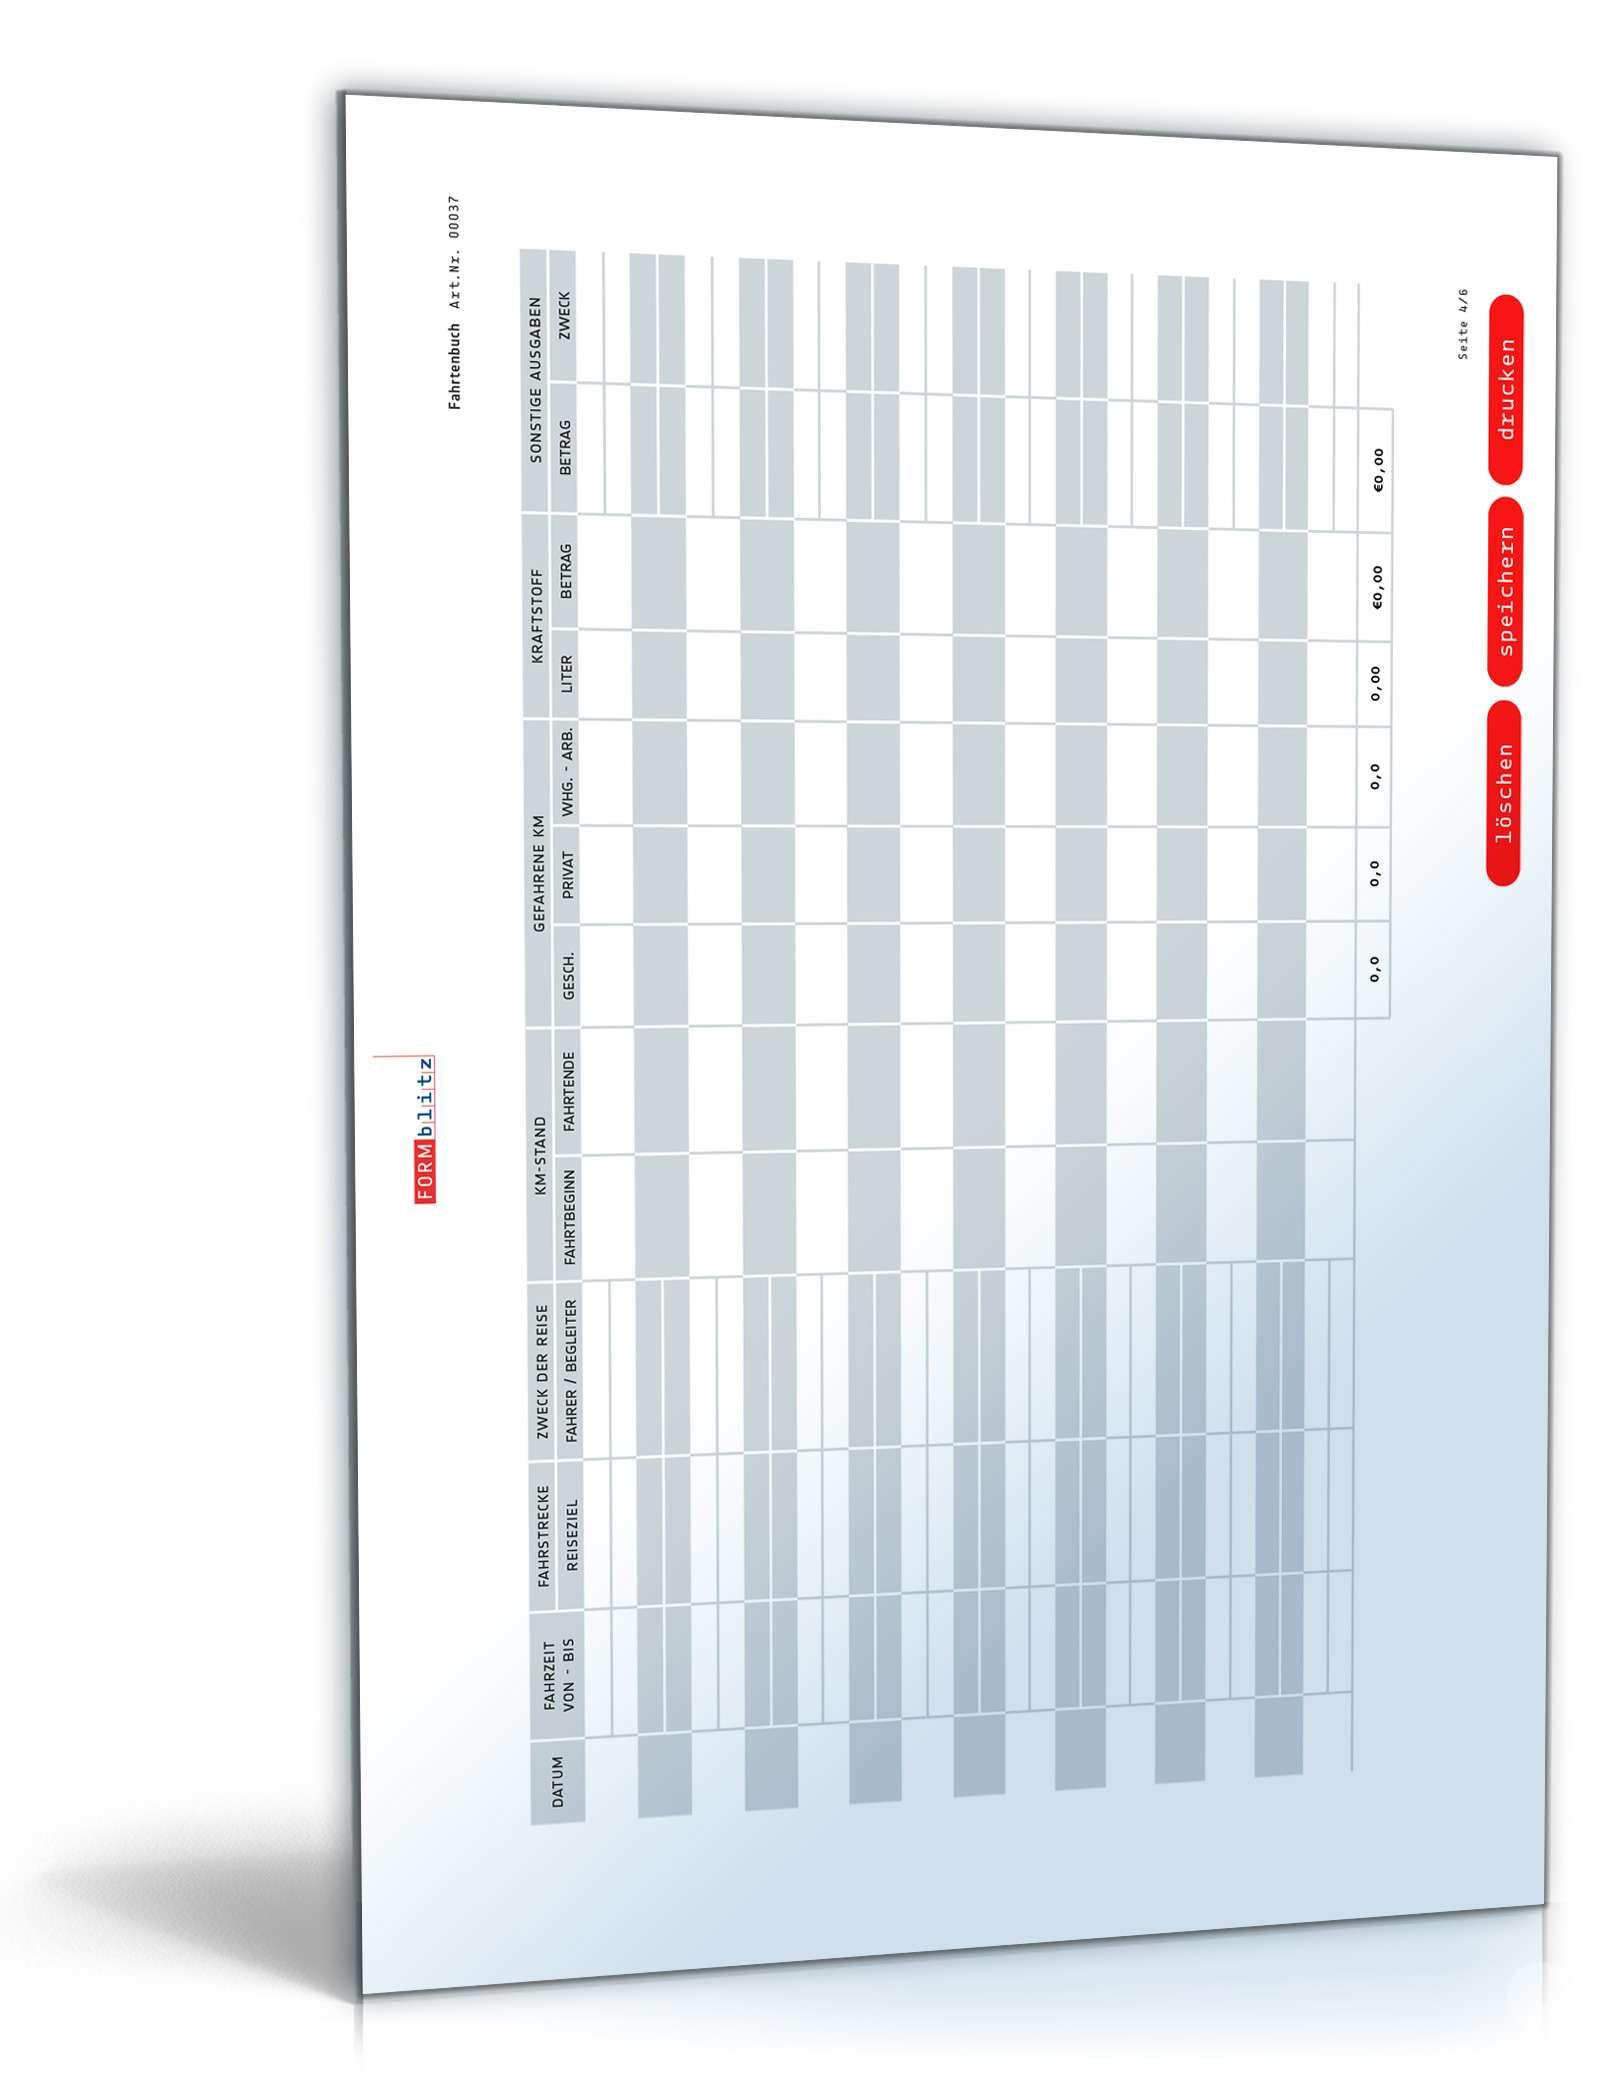 Fahrtenbuch Editierbare Vorlage Zum Download Als Pdf Excel